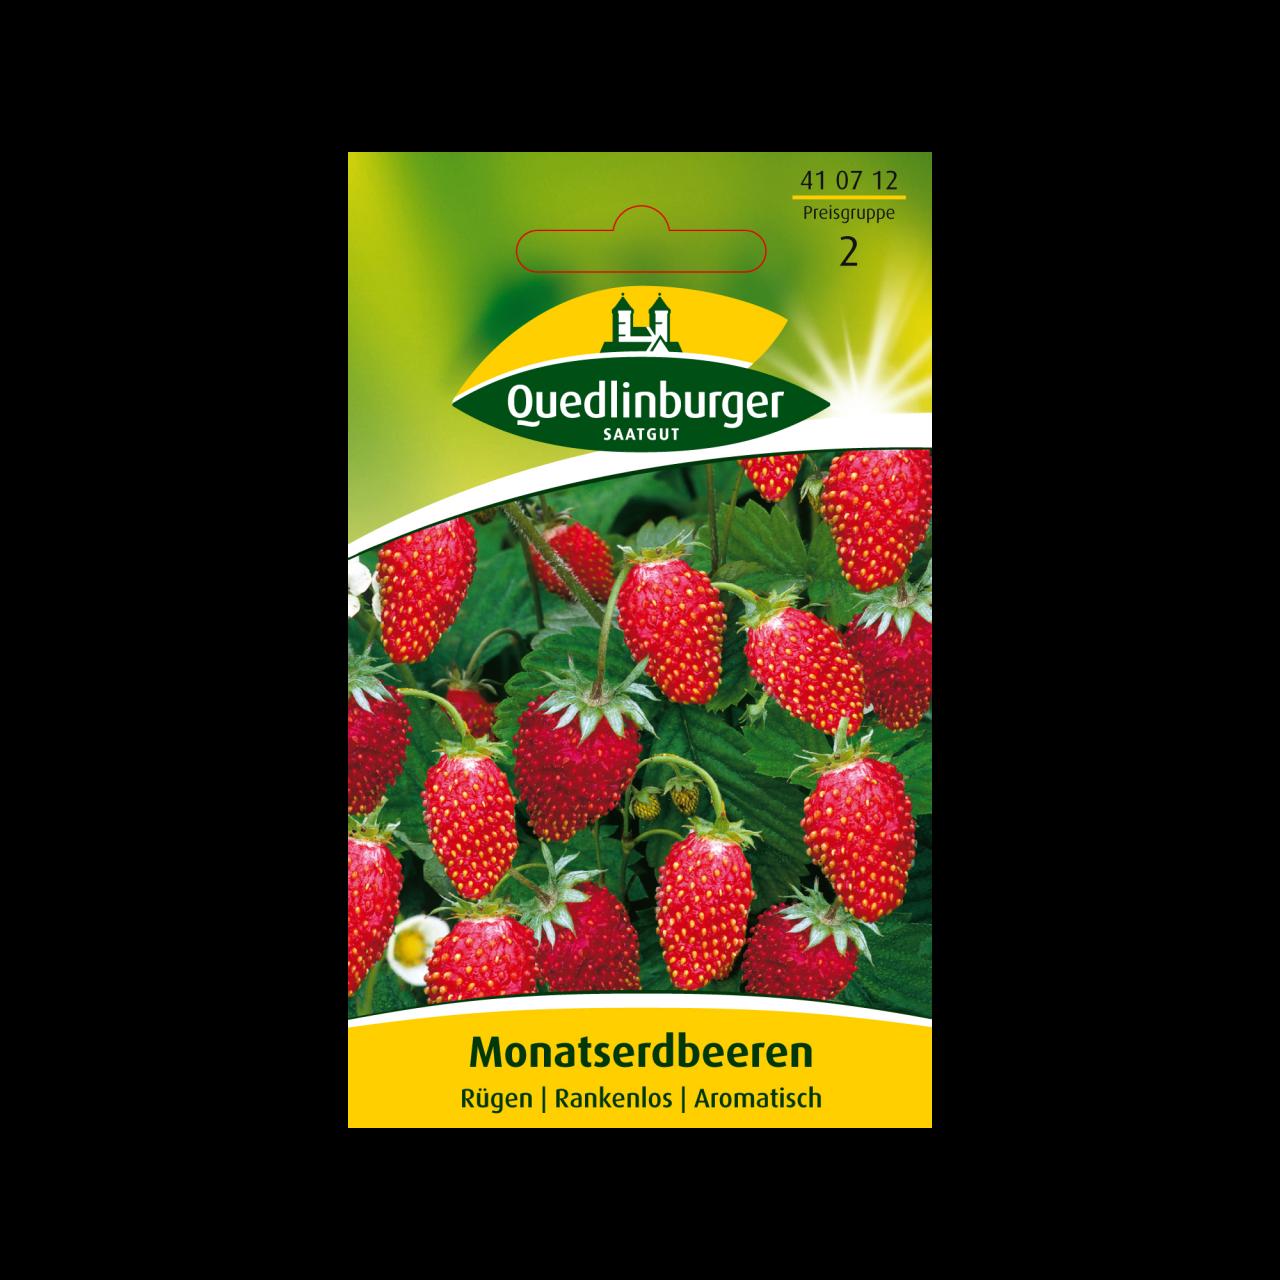 Quedlinburger Saatgut - Monatserdbeeren Rügen